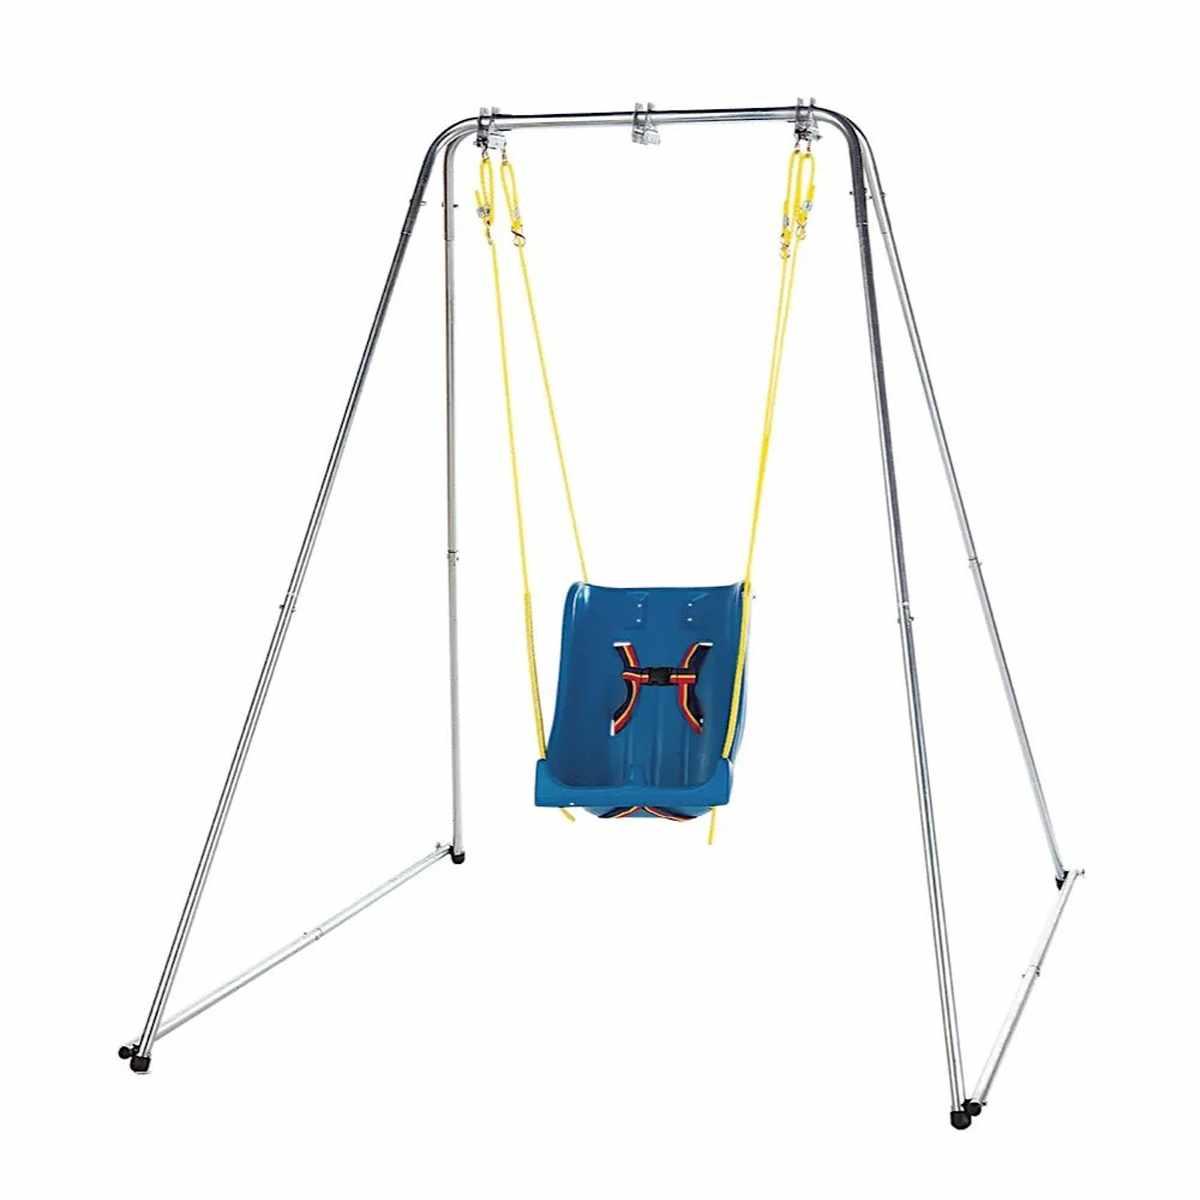 Skillbuilders portable swing seat frame - indoor/outdoor